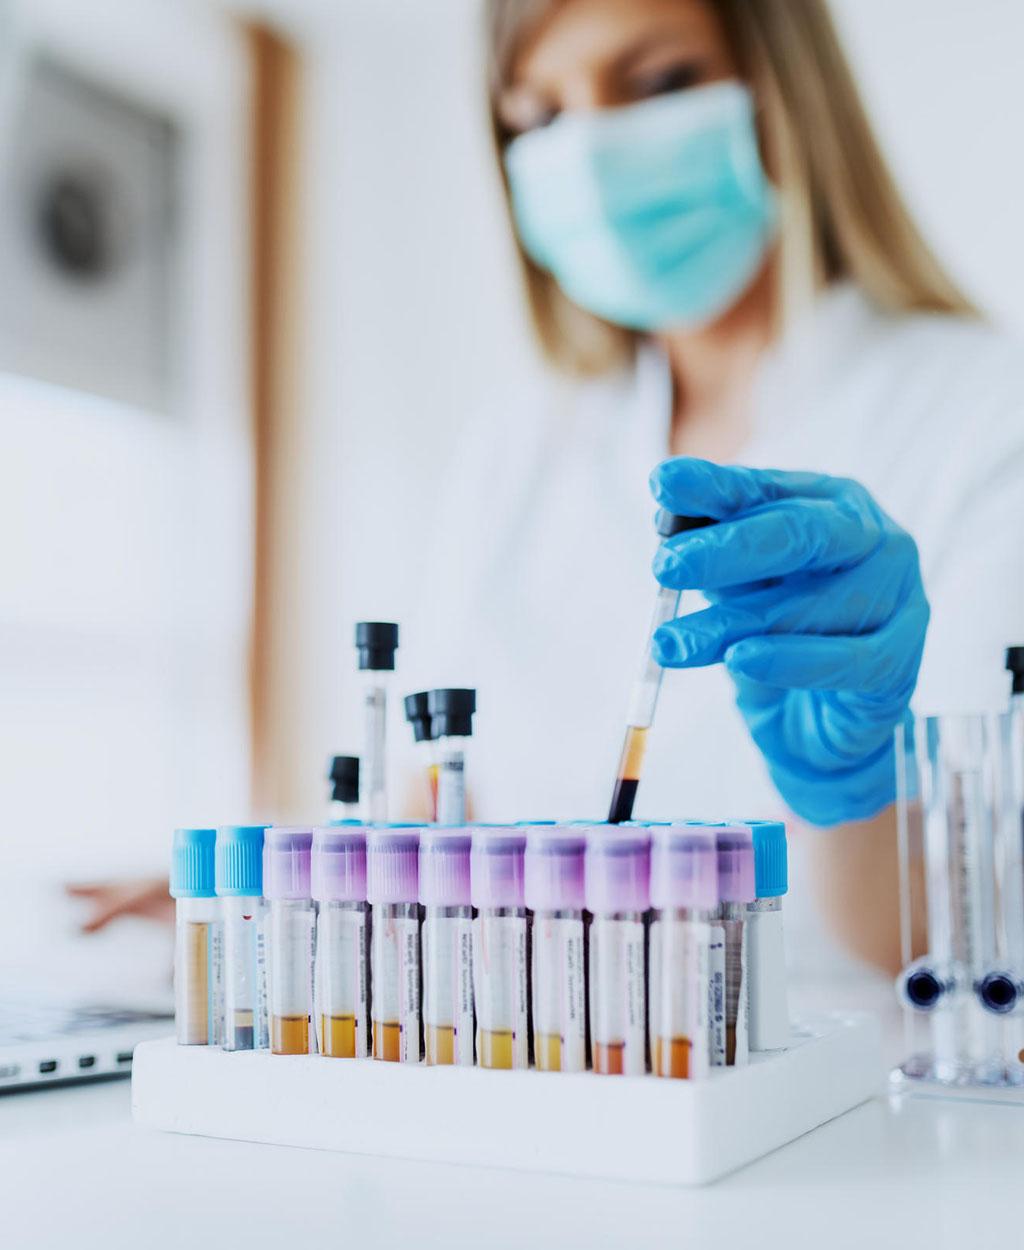 Διαγνωστικό μικροβιολογικό Εργαστήριο Καλαμάτα - Ρουμπέα Παρασκευή - Εξετάσεις